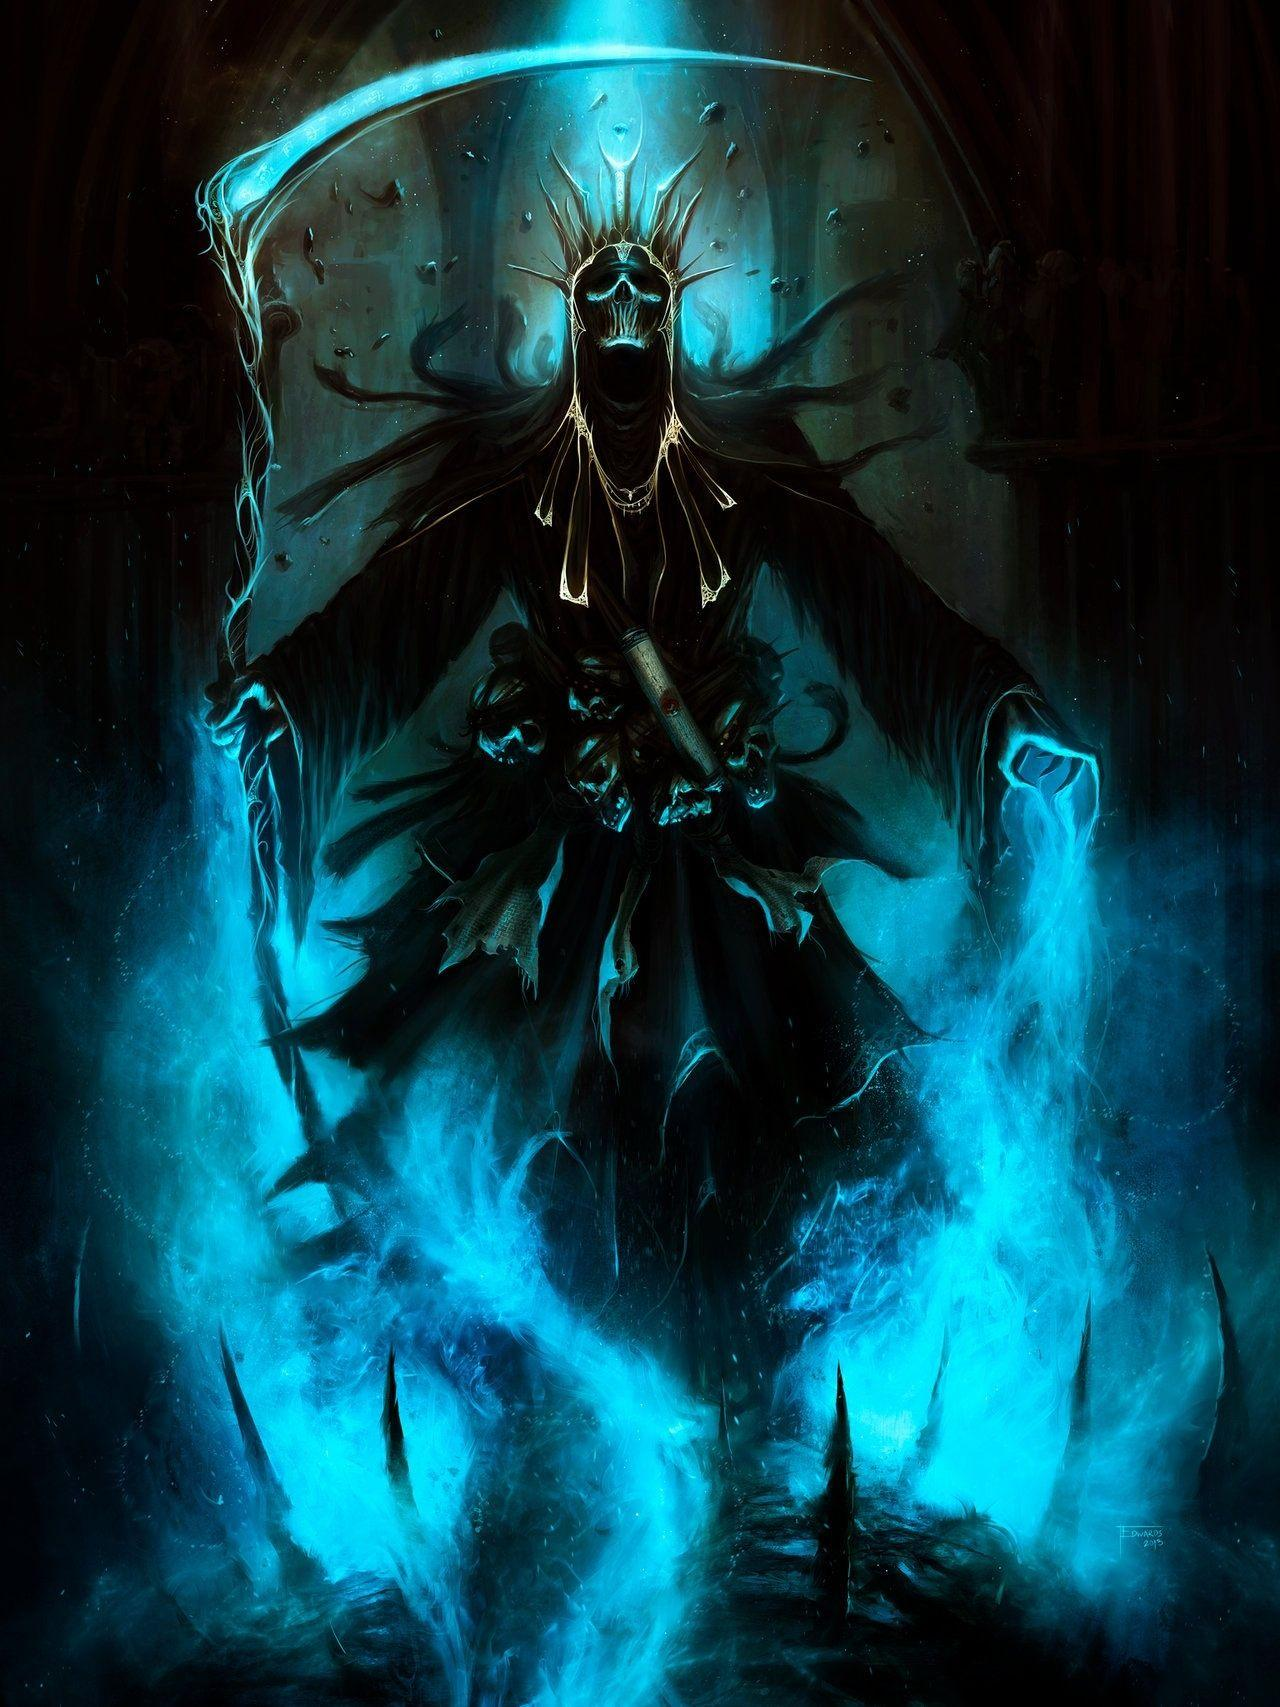 Death Reaper Wallpapers Hd Wallpaper Cave